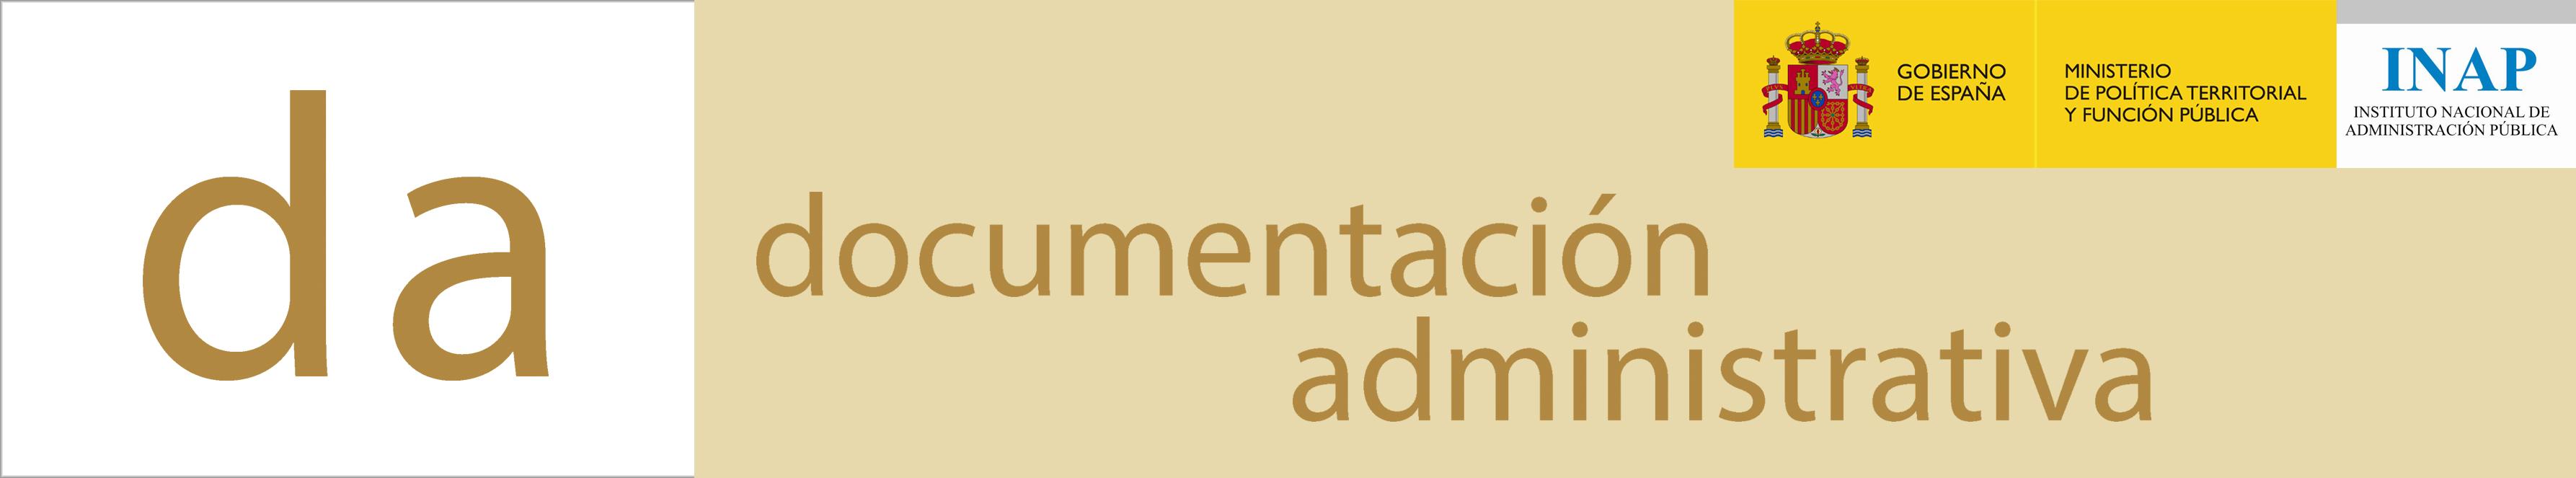 Revista Documentación Administrativa